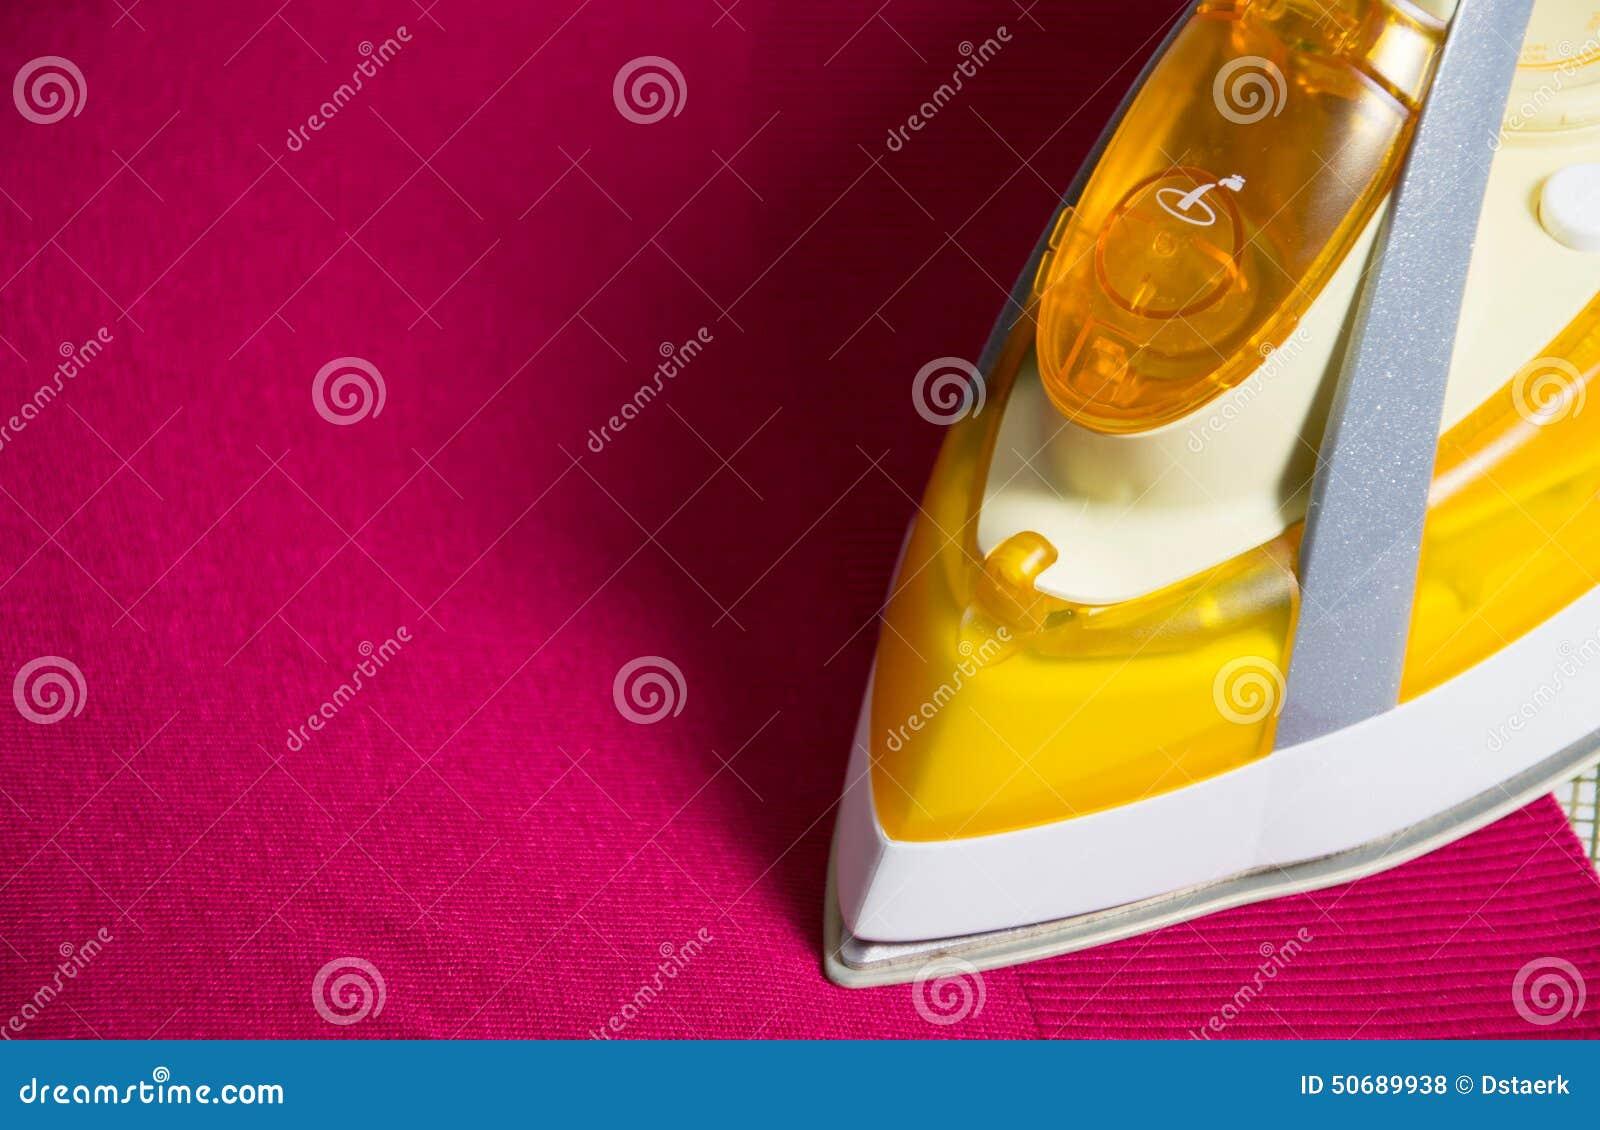 Download 电烙 库存照片. 图片 包括有 照亮, 家事, 工作, 干净, 材料, 棉花, 现代, 房子, 布料, 五颜六色 - 50689938